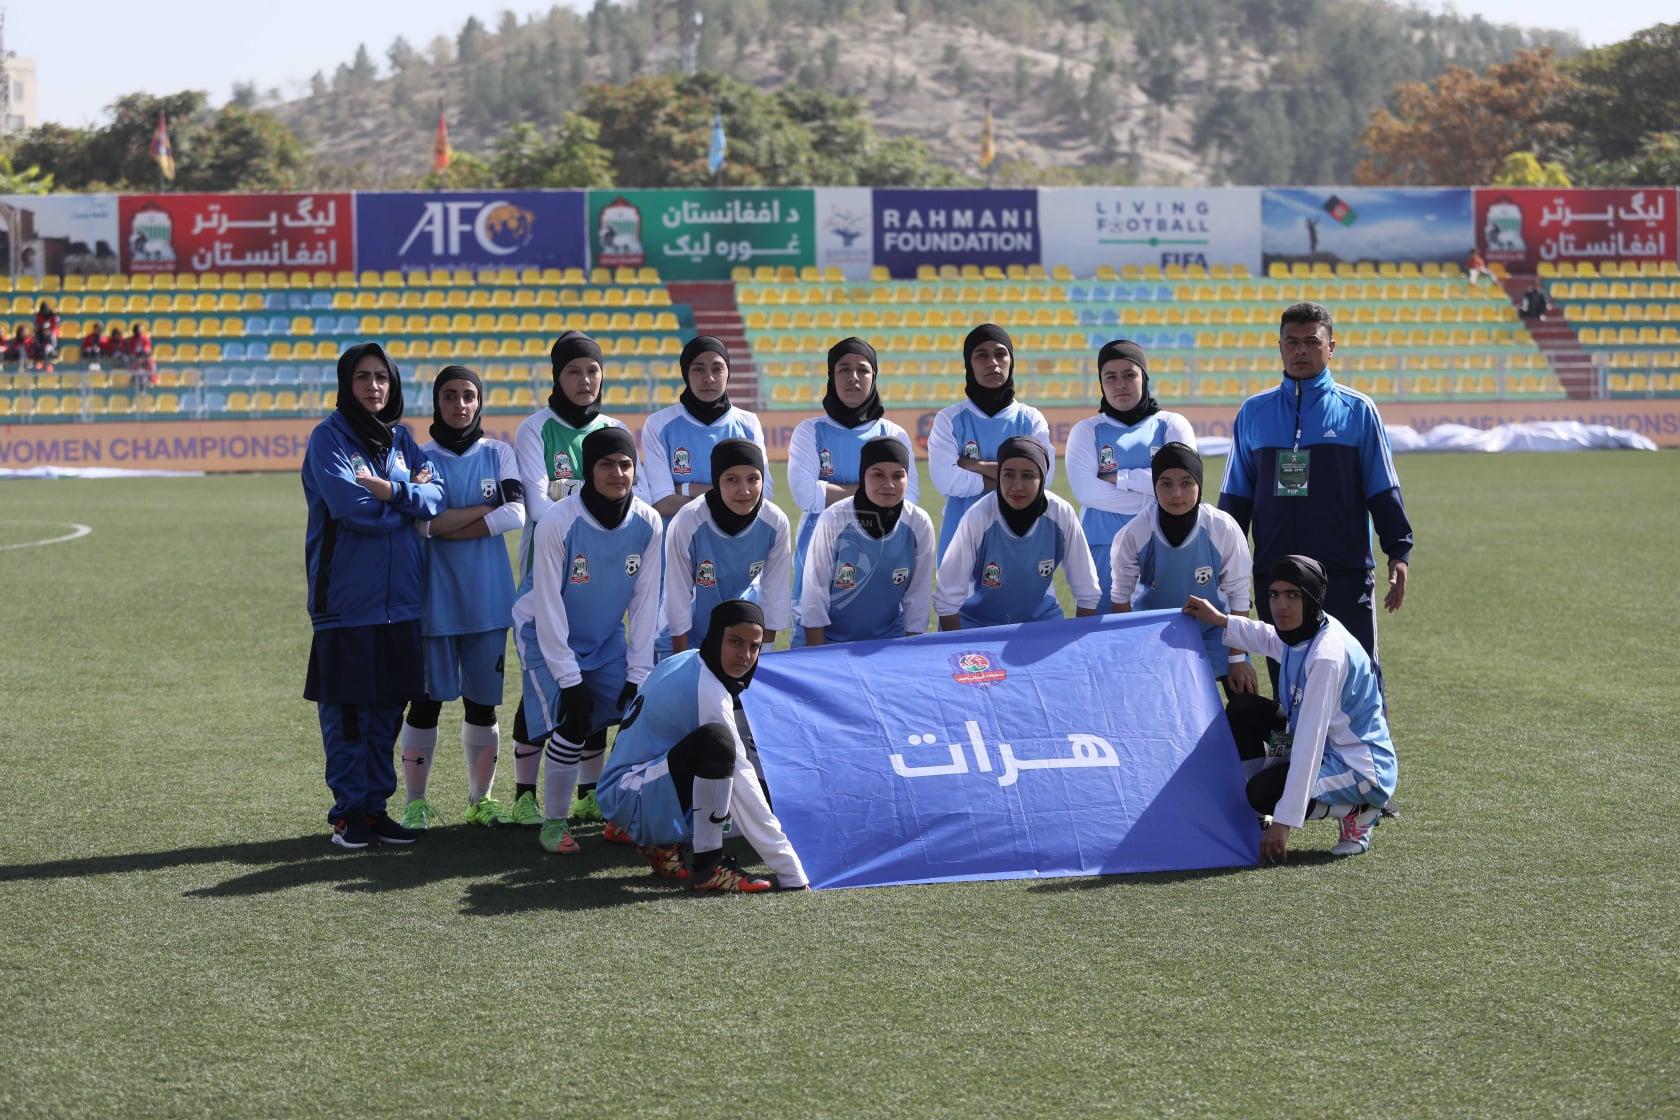 قهرمانی تیم فوتبال دختران هرات در فصل چهارم رقابتهای لیگ برتر بانوان